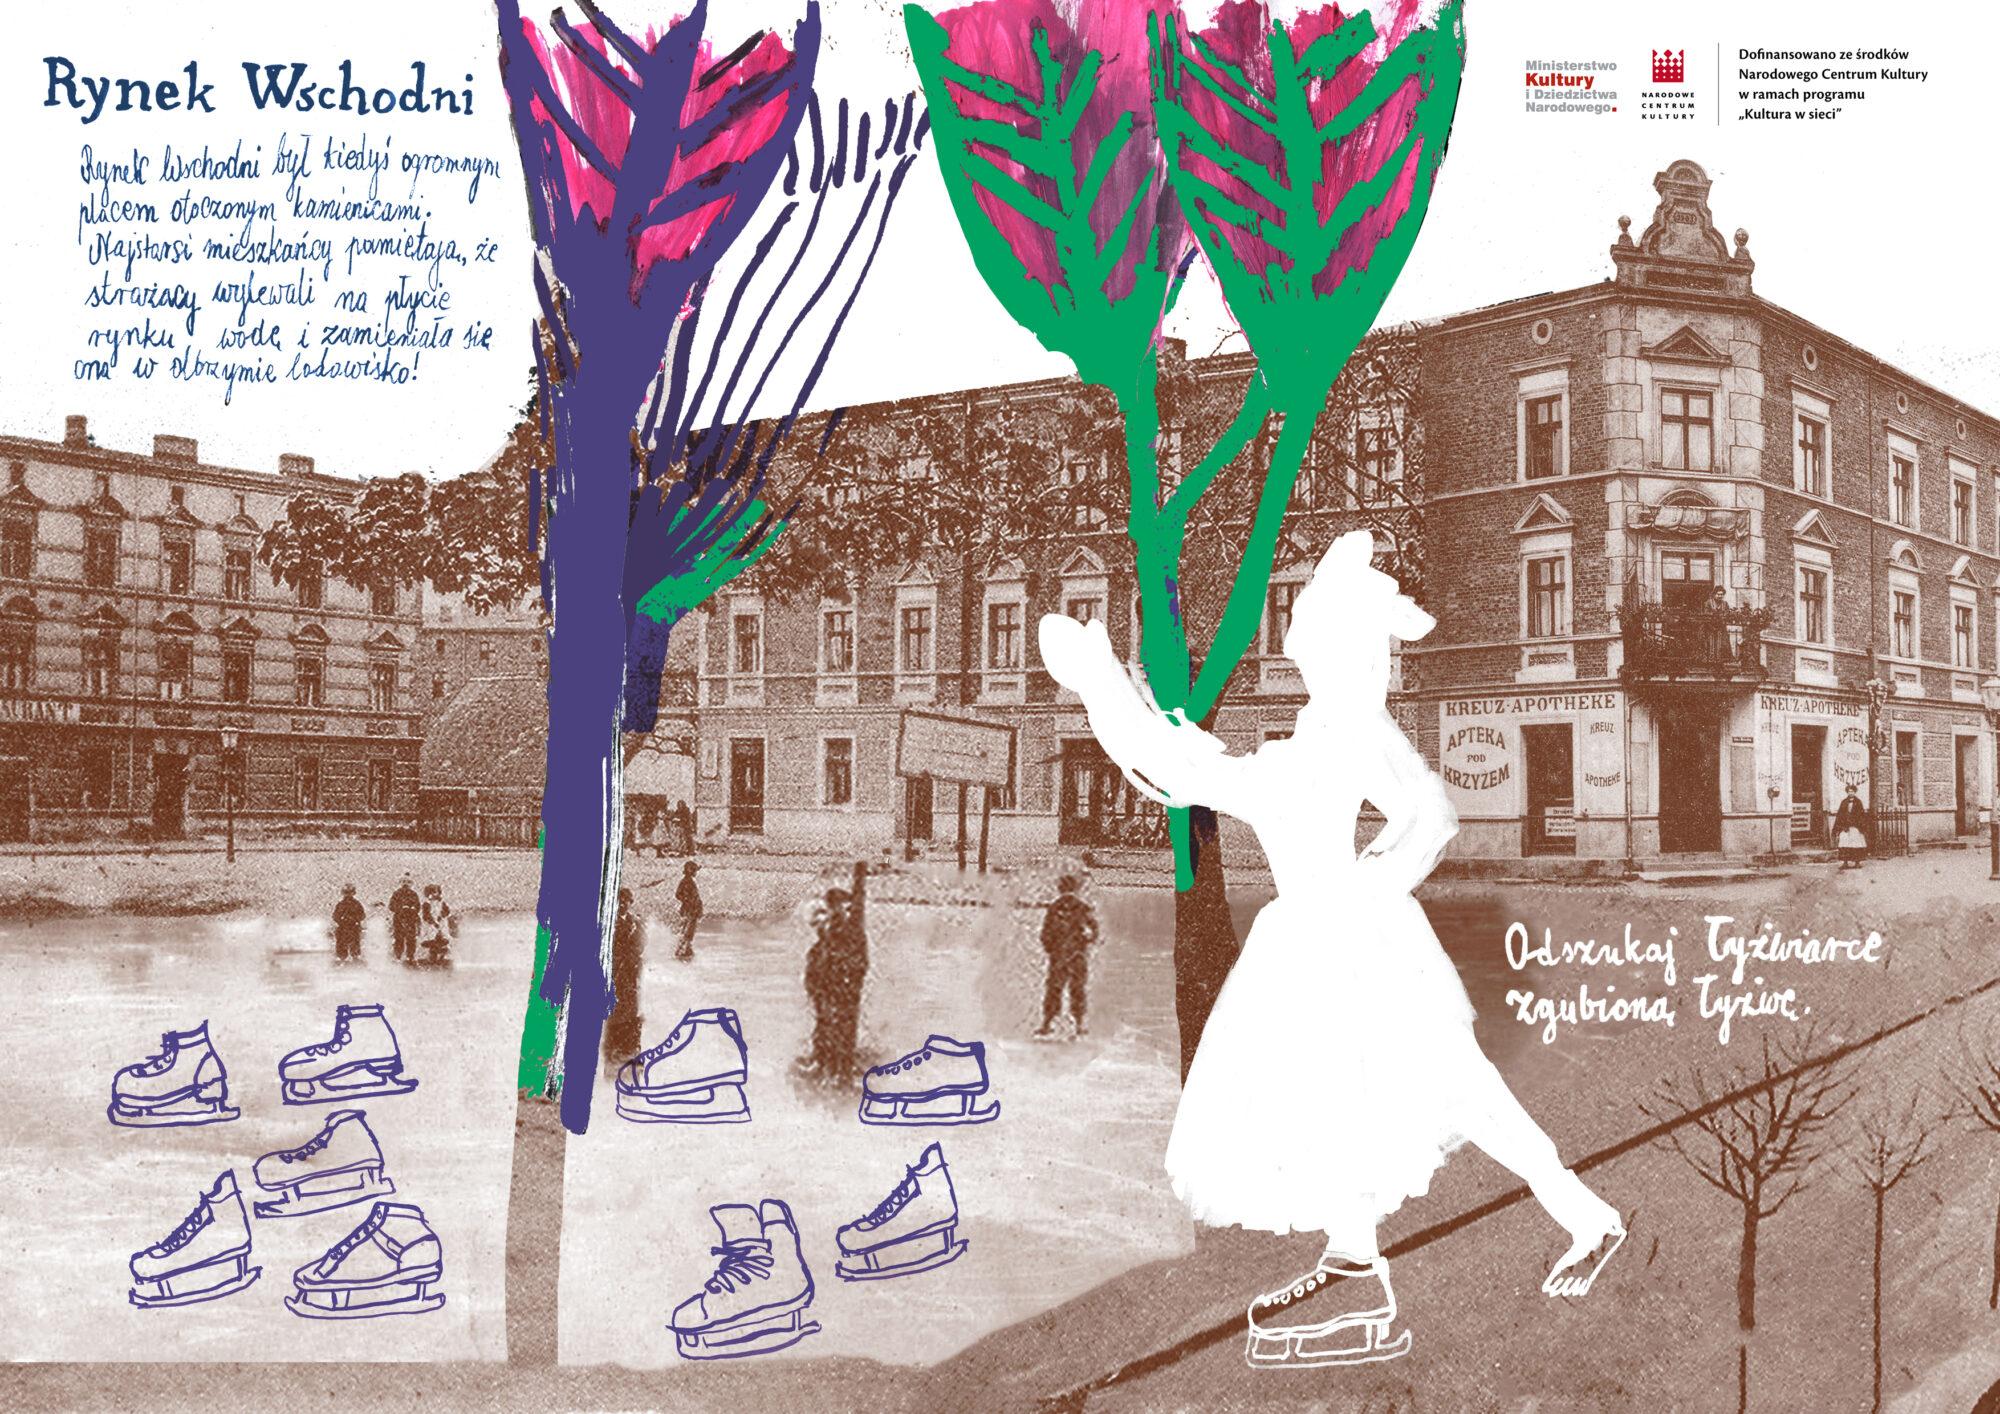 kolorowanka mazanka o rynku wschodnim na Głównej autorka Anna Kaźmierak